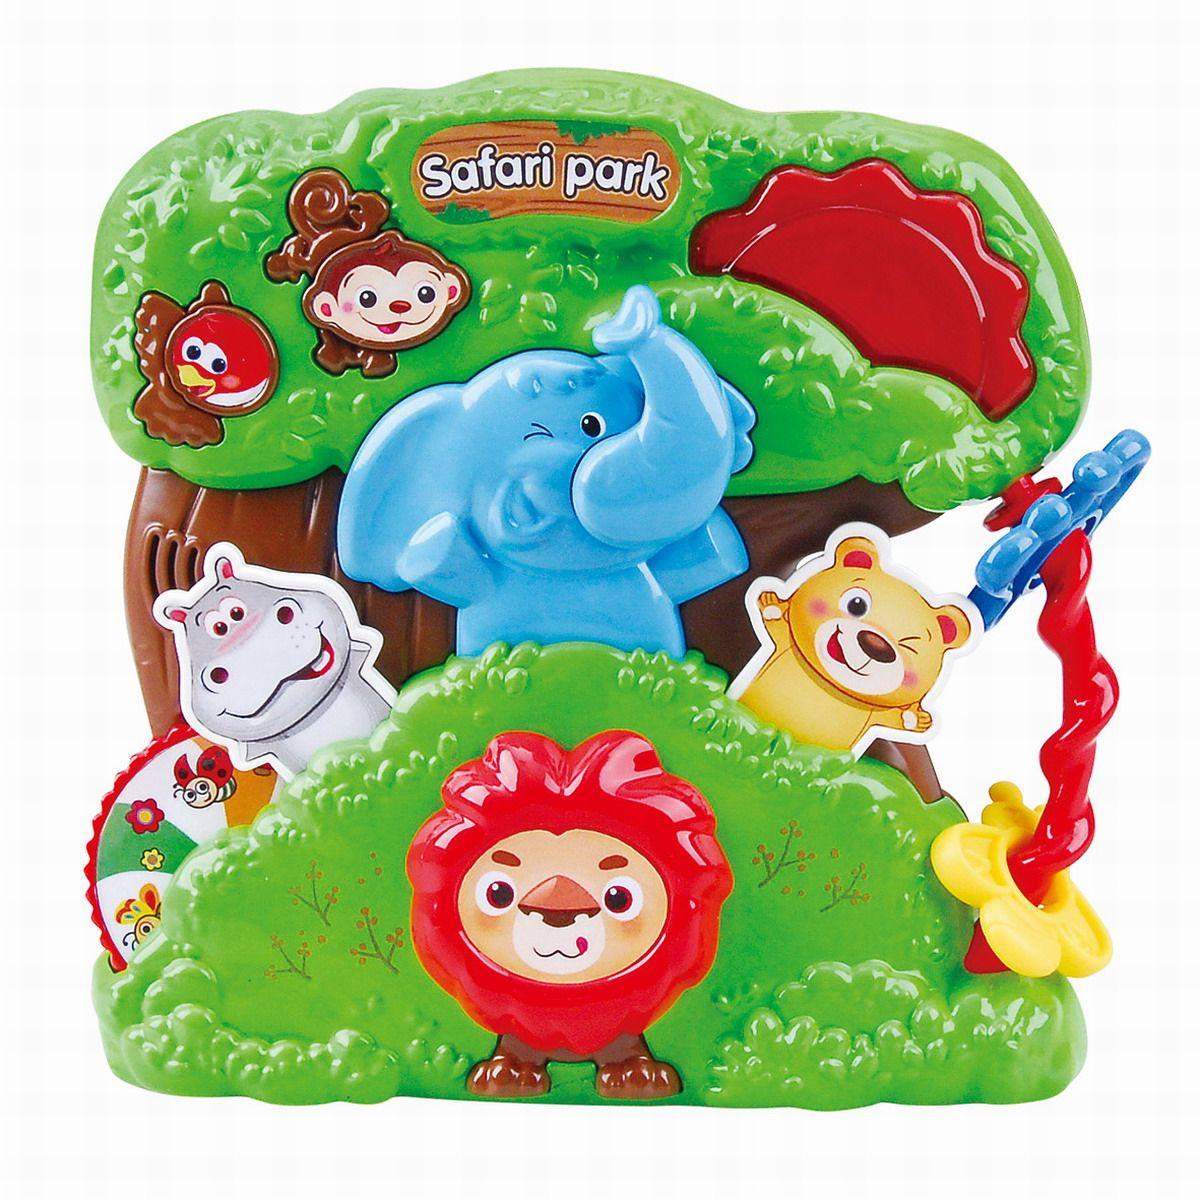 Playgo Развивающая игрушка Сафари парк алоэ парк в минске аптеки